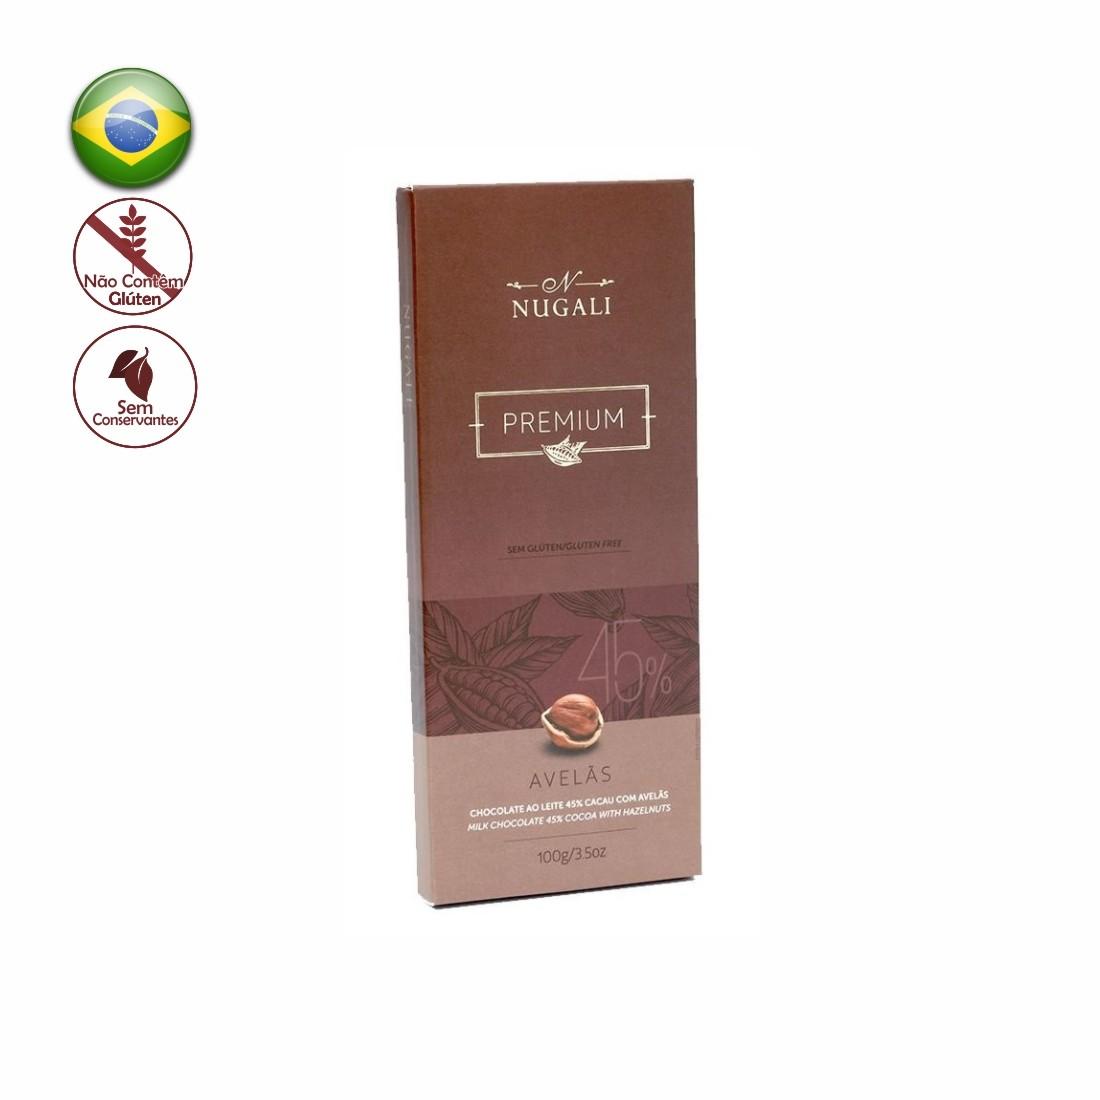 TABLETE NUGALI CHOCOLATE AO LEITE C/ AVELAS 100G